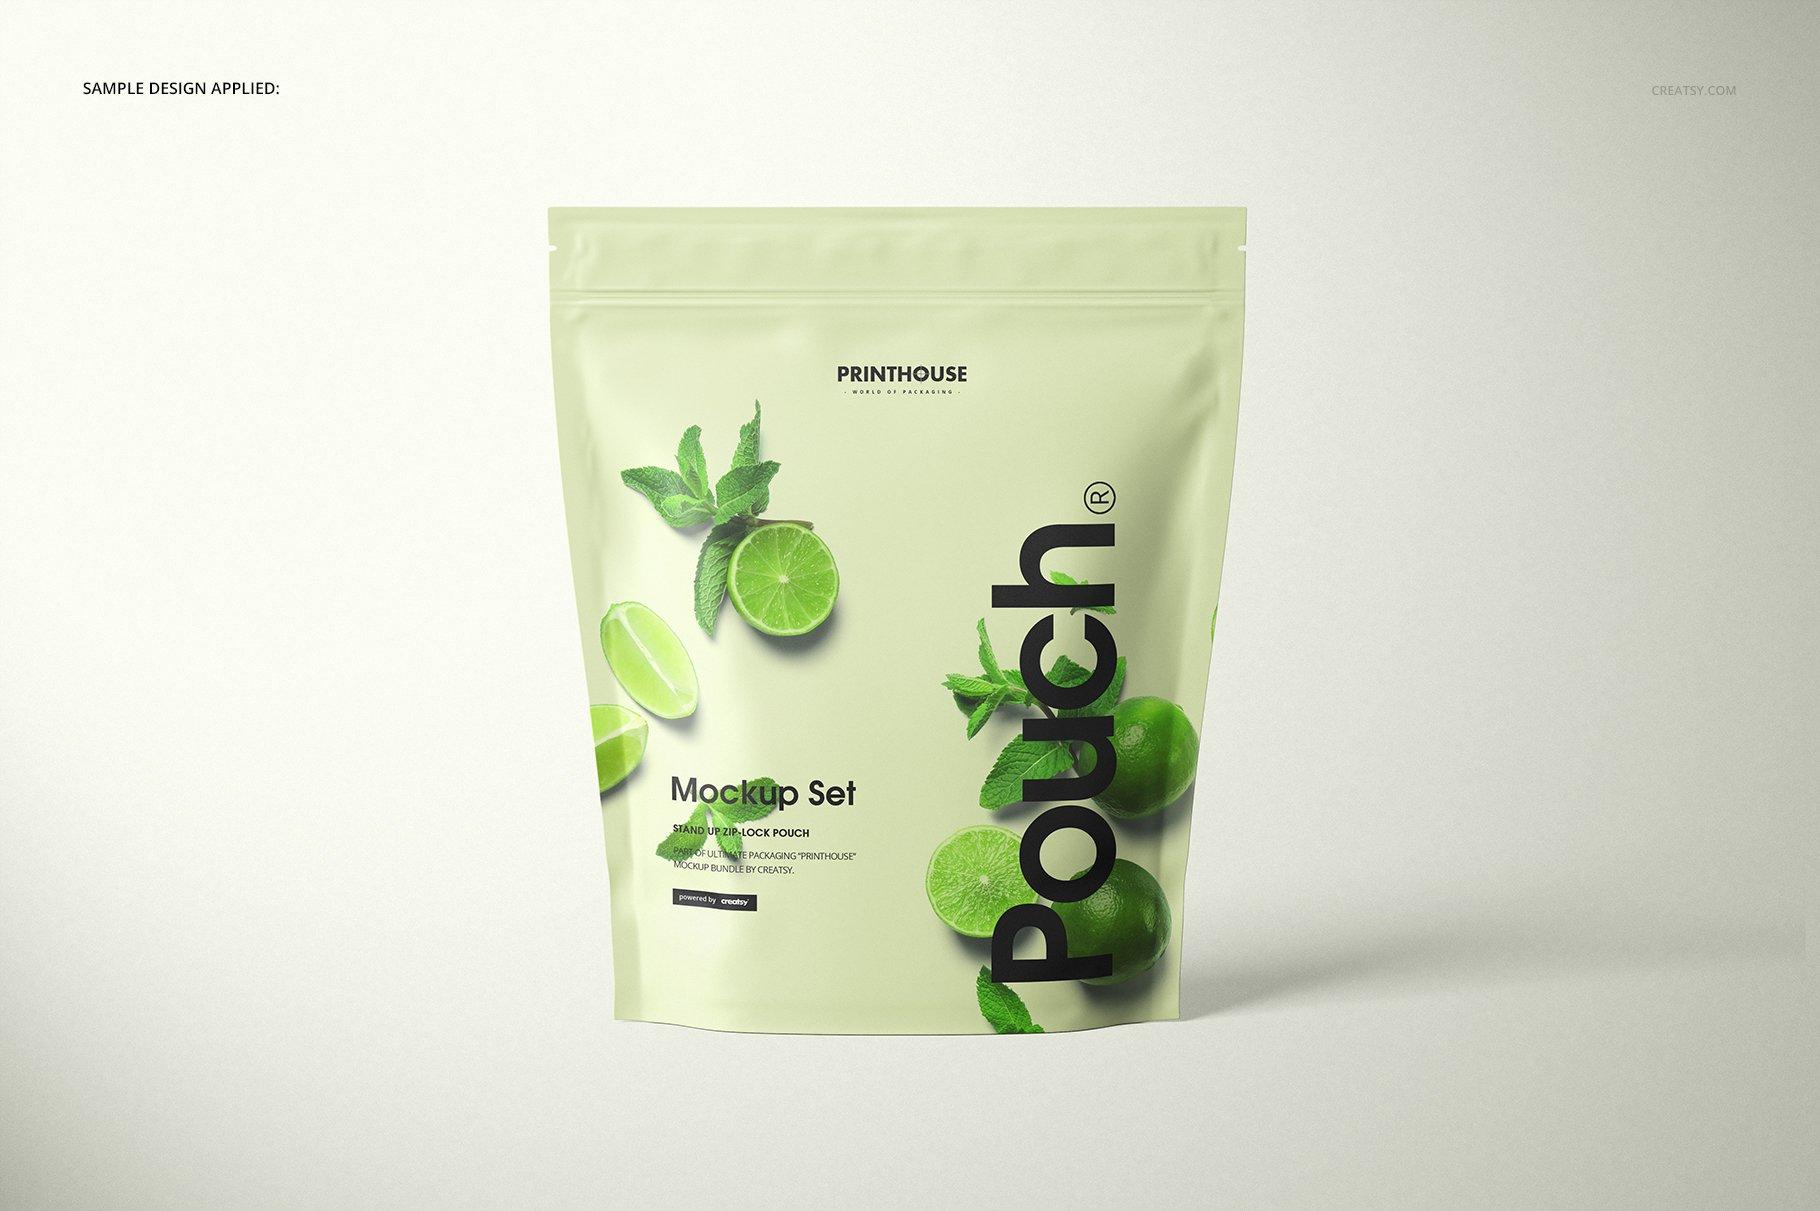 自立袋拉链锁自封袋塑料袋设计展示样机模板合集 Stand Up Zip Lock Pouch Mockup Set 3插图(5)